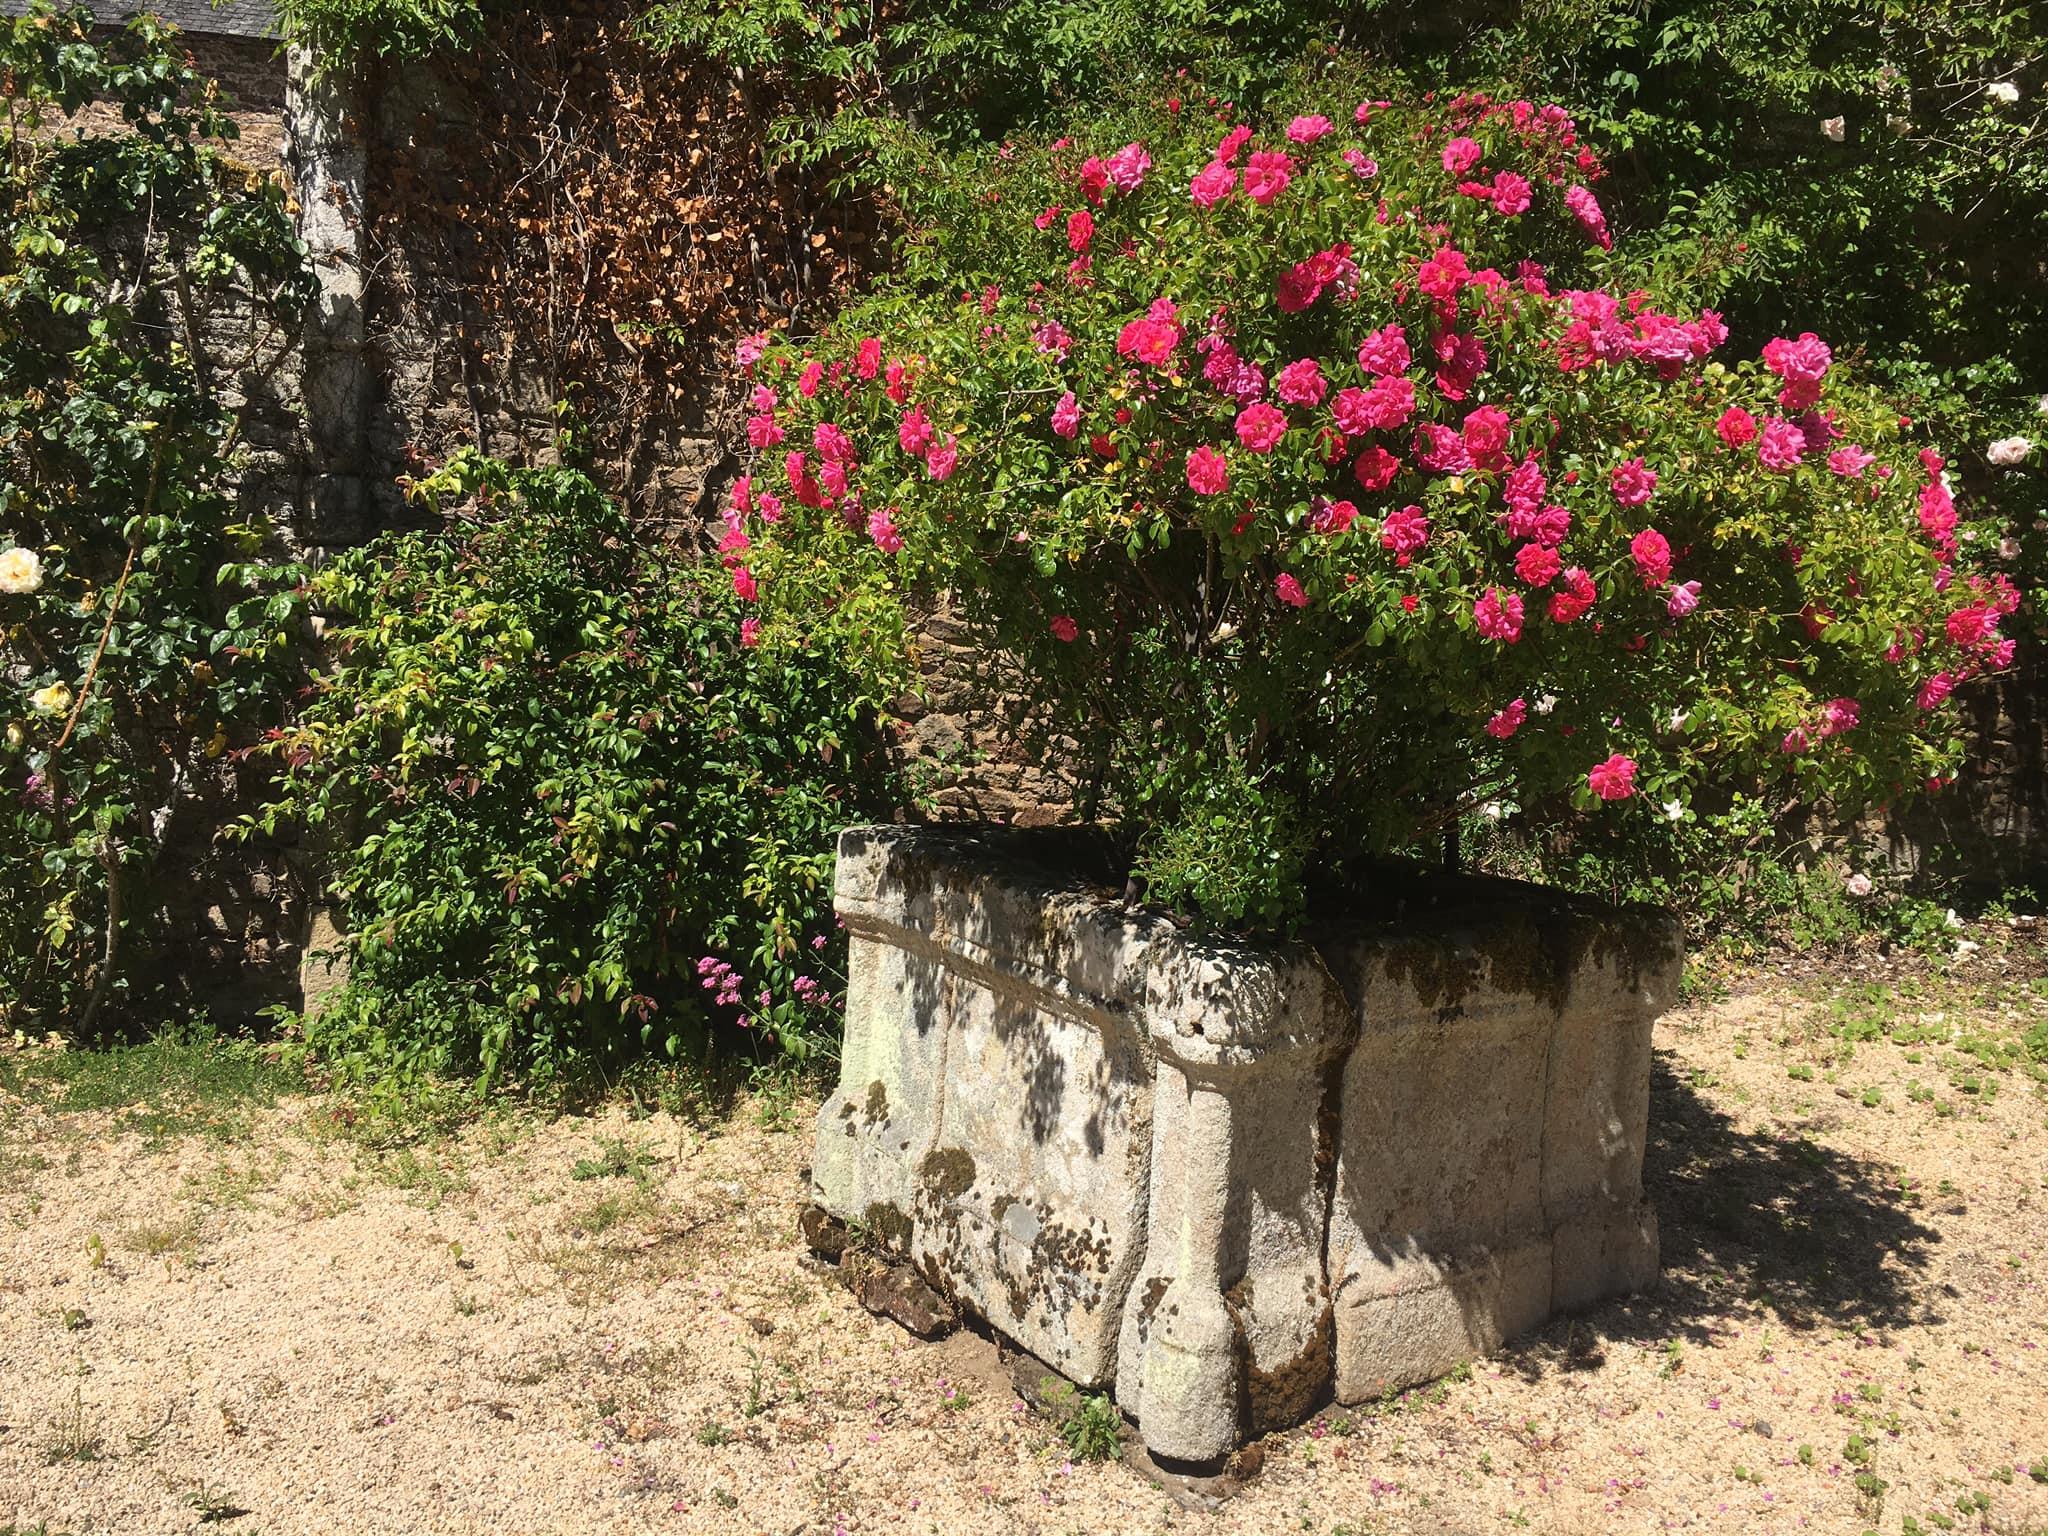 Peut être une image de fleur, nature et arbre